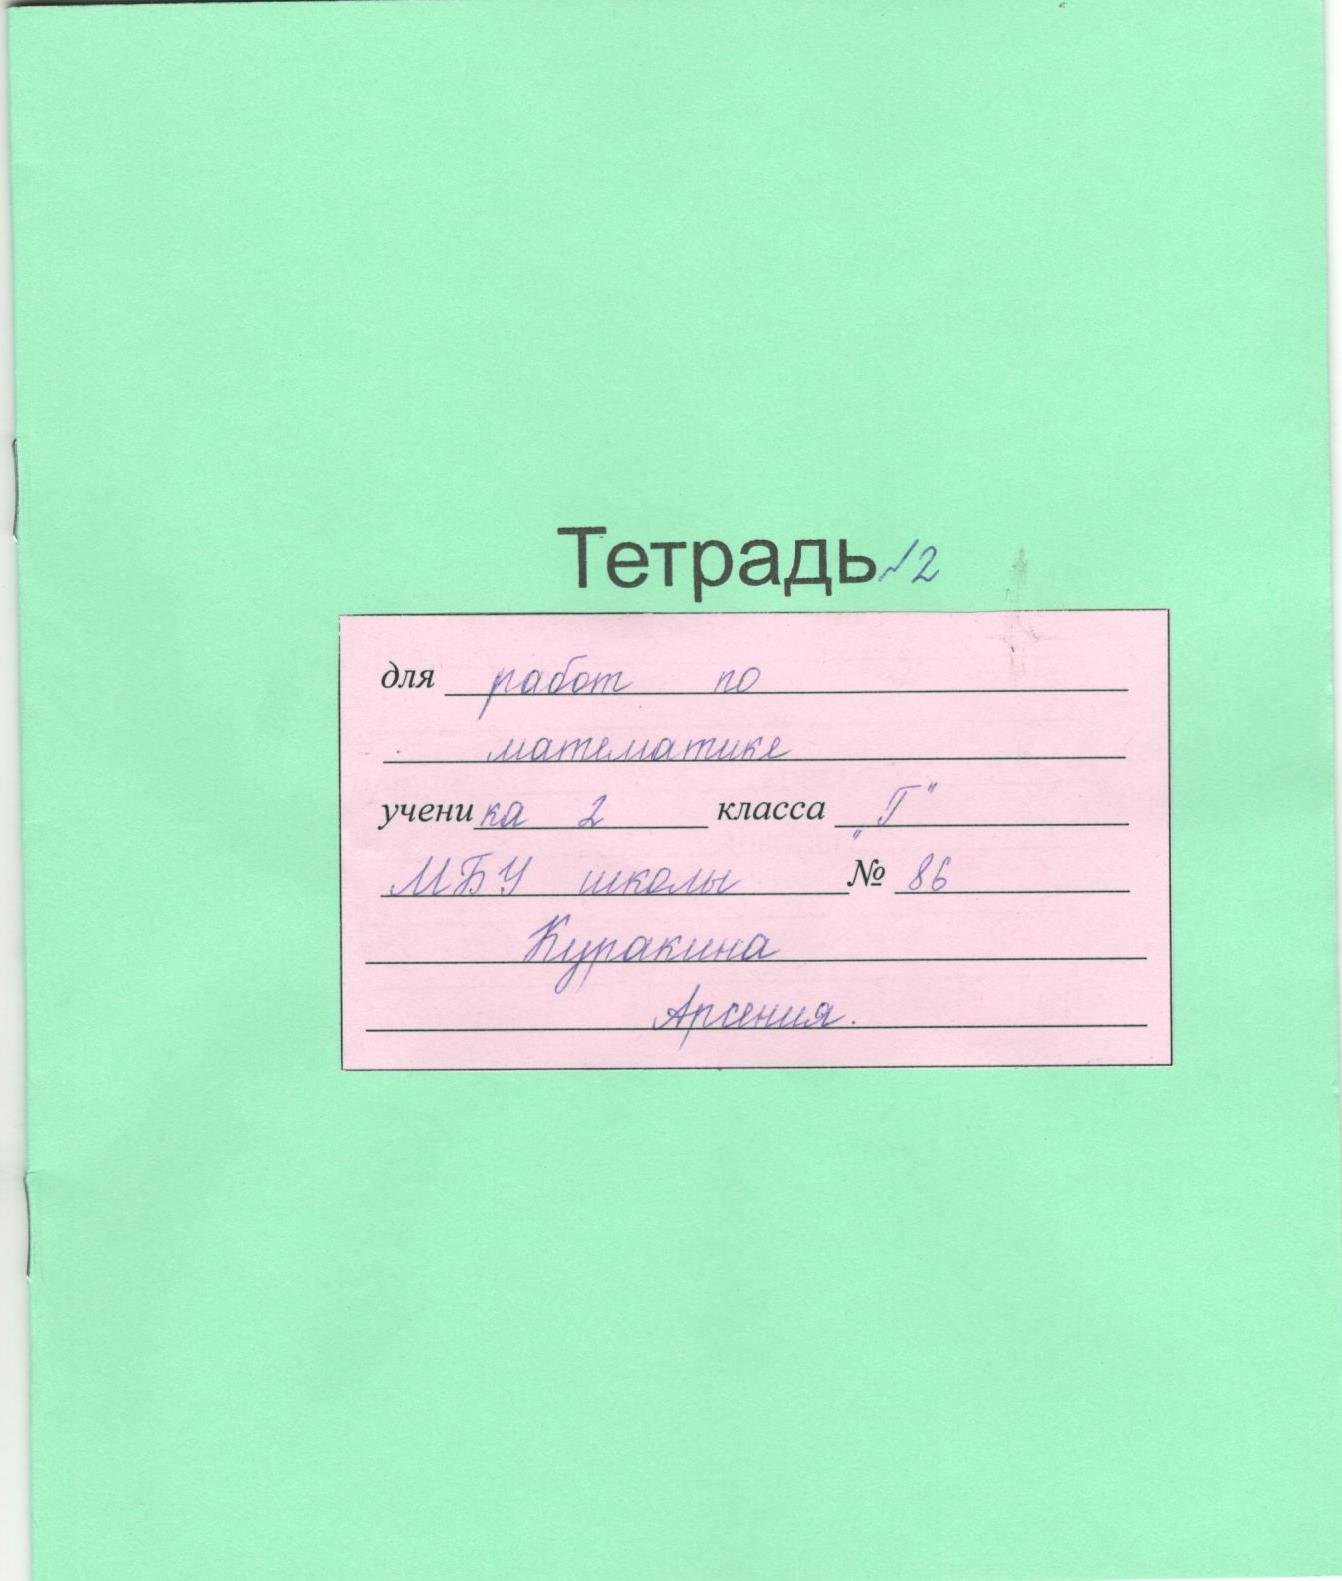 Нового года, картинки как подписать тетрадь по английскому